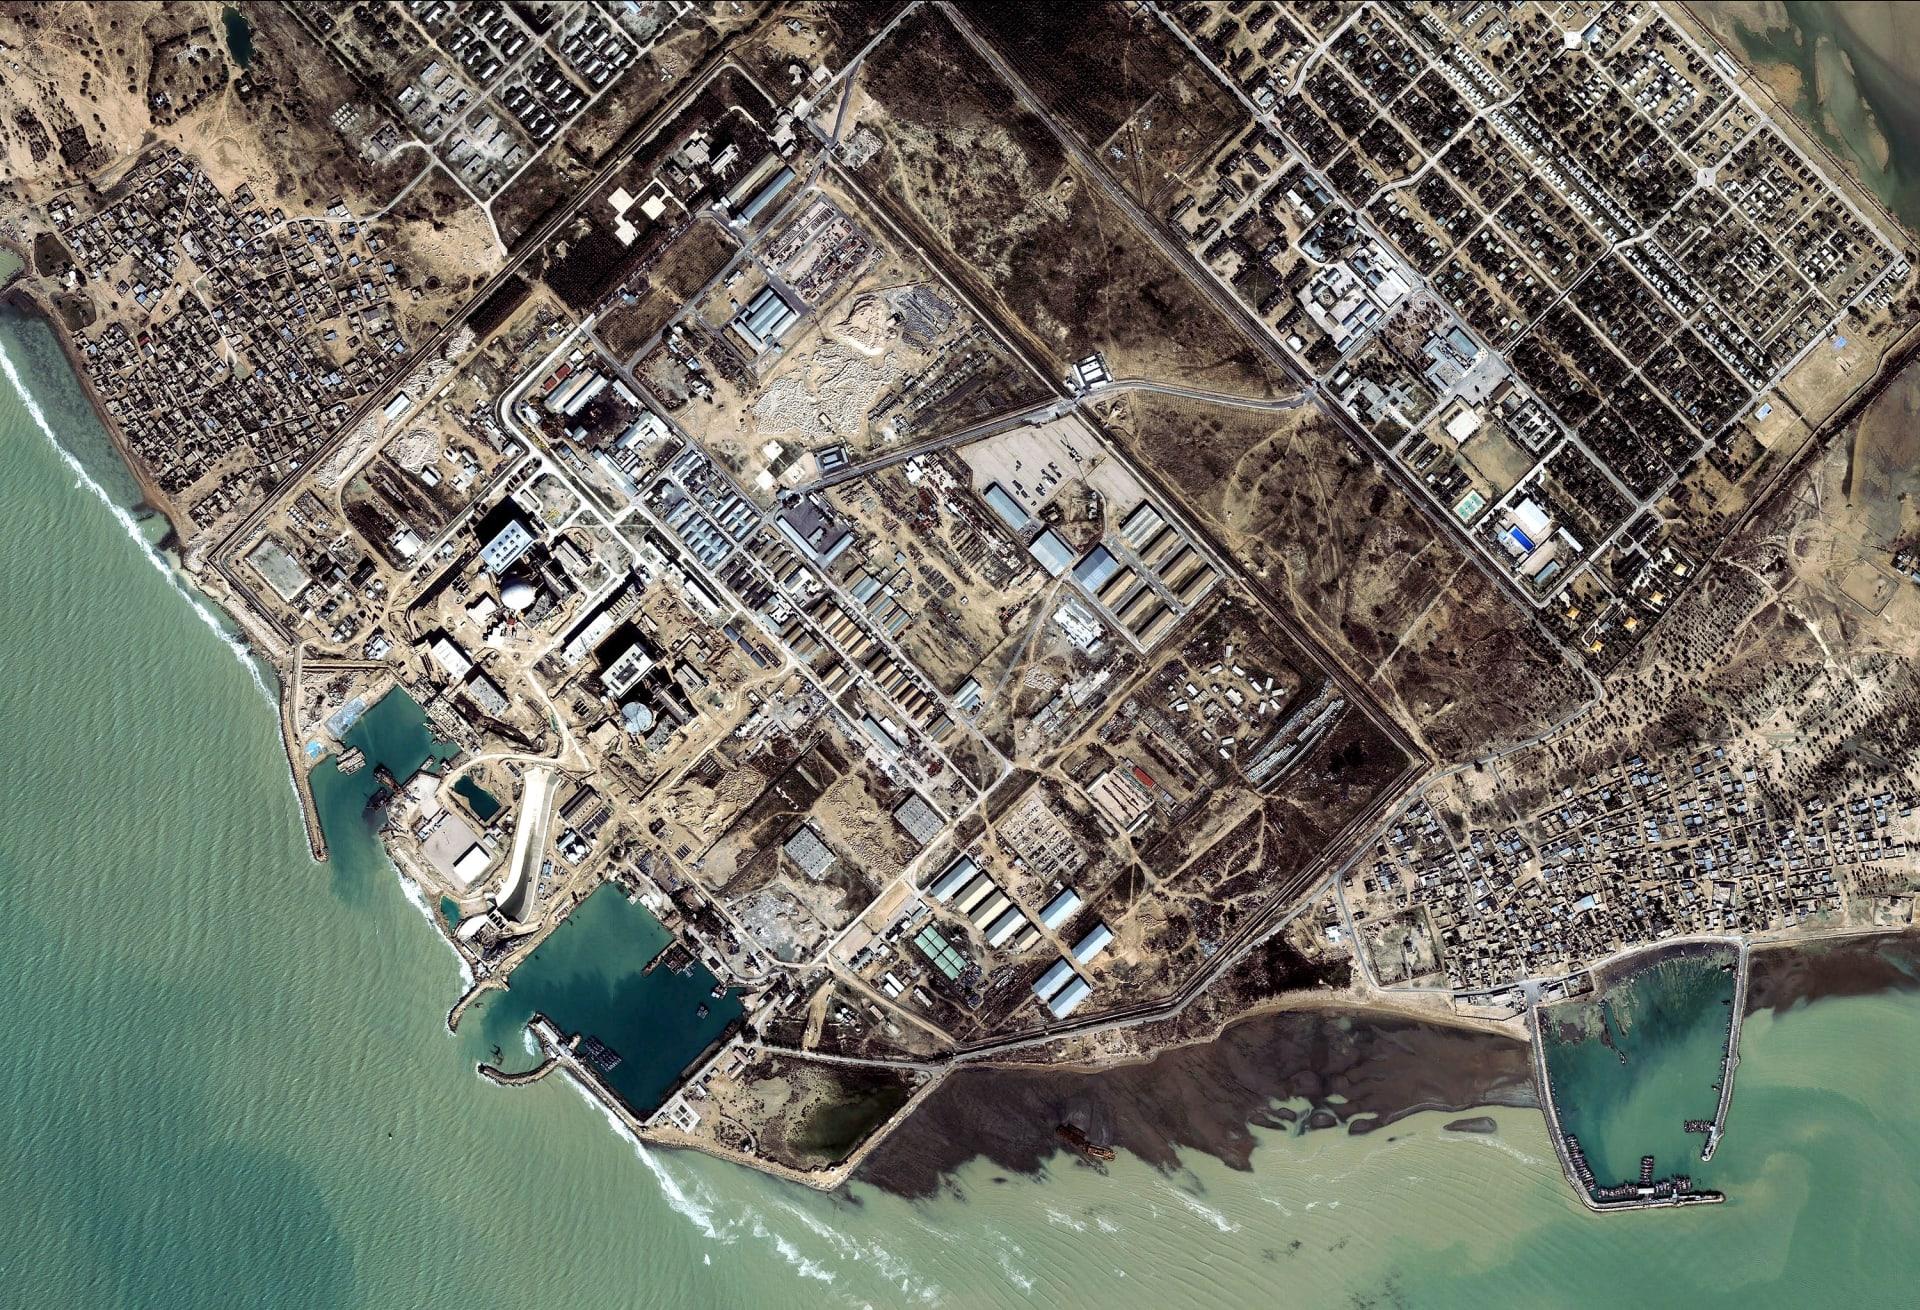 إيران.. حريق يلتهم 7 سفن في ميناء بوشهر دون أن تتمكن فرق الإطفاء من احتوائه